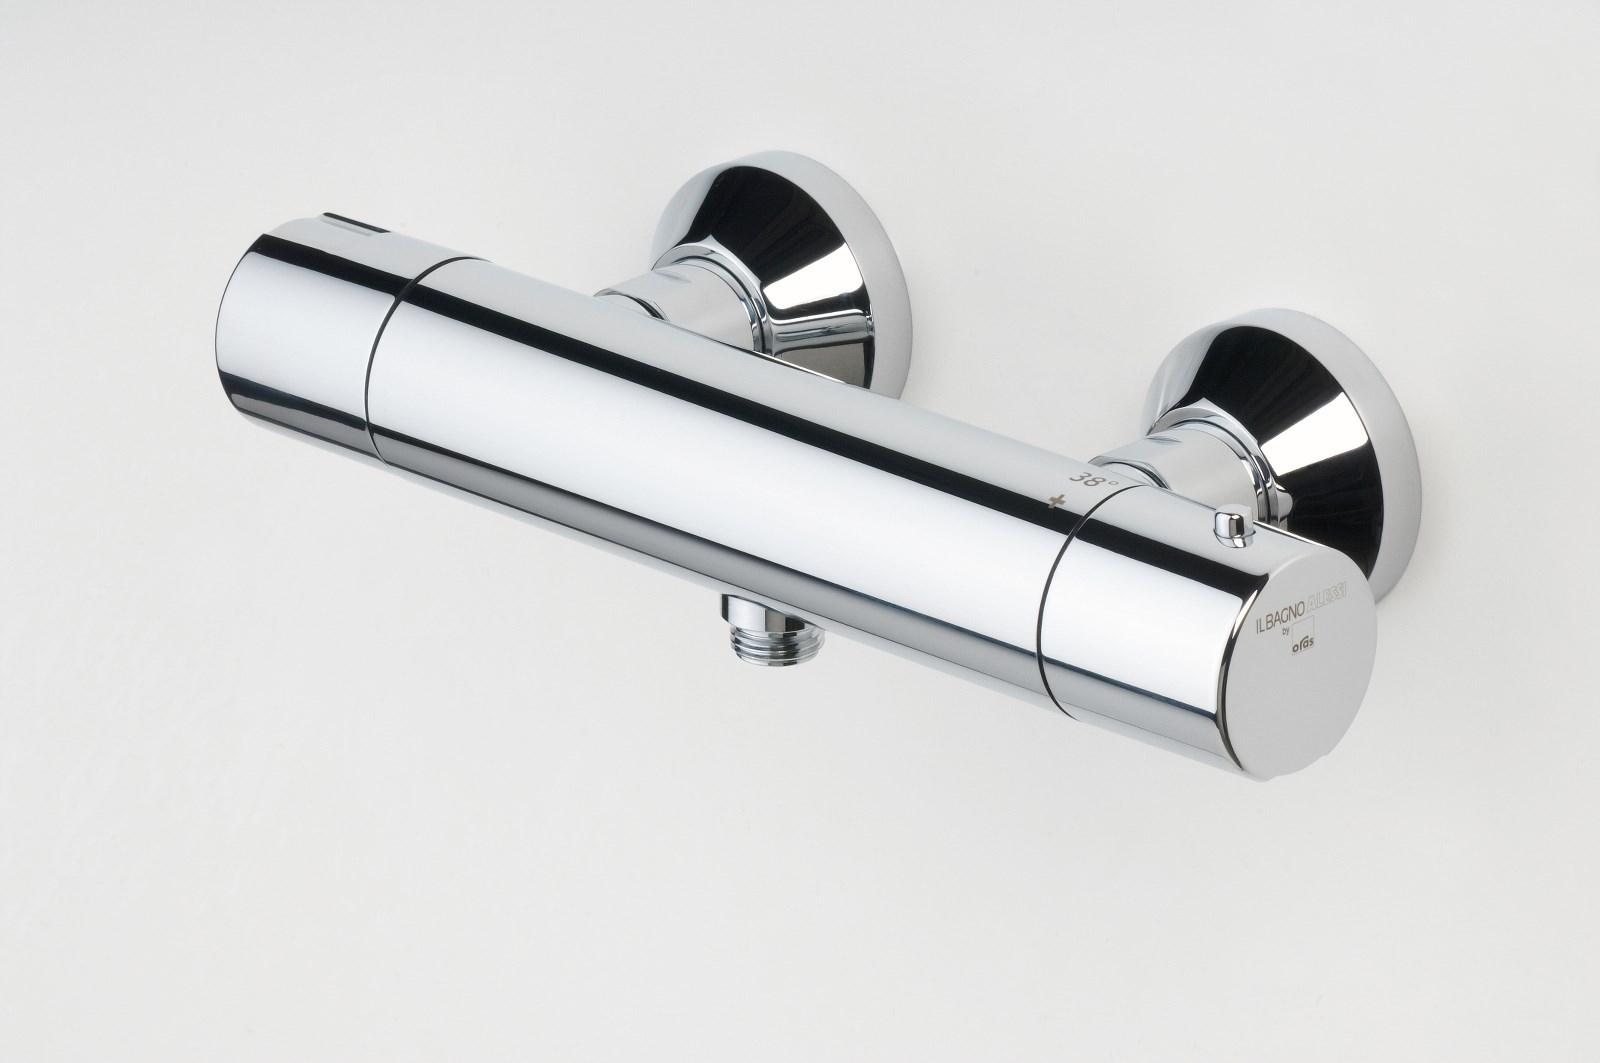 Oras Alessi One - sprchová termostatická baterie 8570U